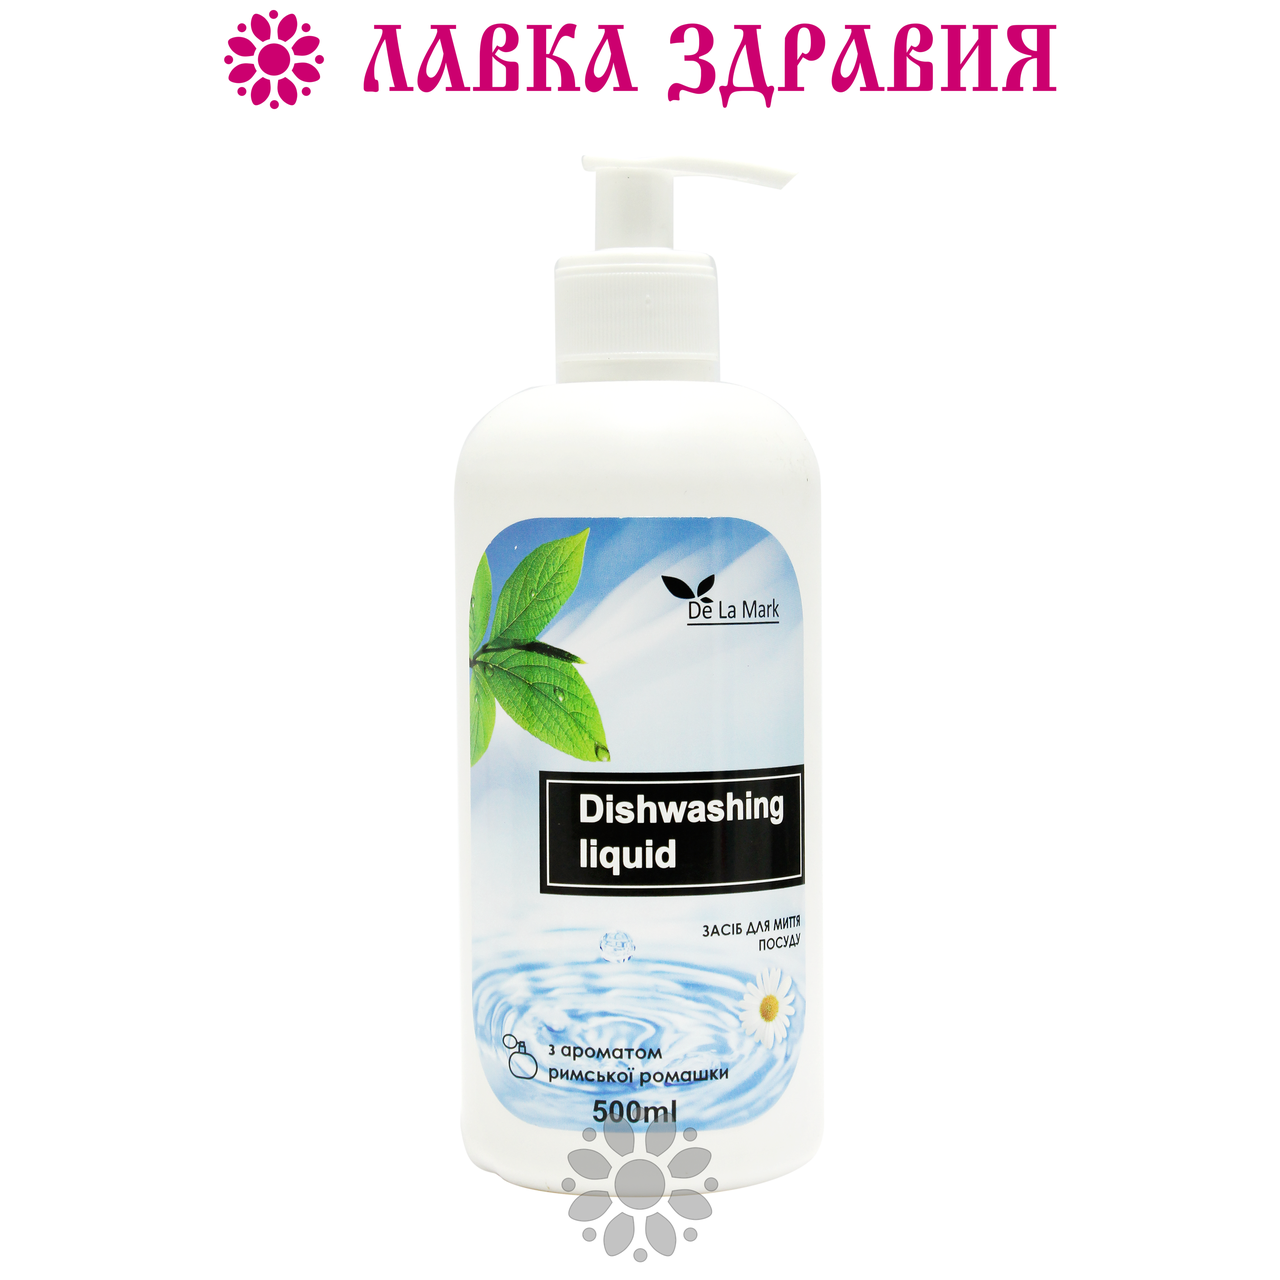 Средство для мытья посуды DeLaMark Римская ромашка, 500 мл